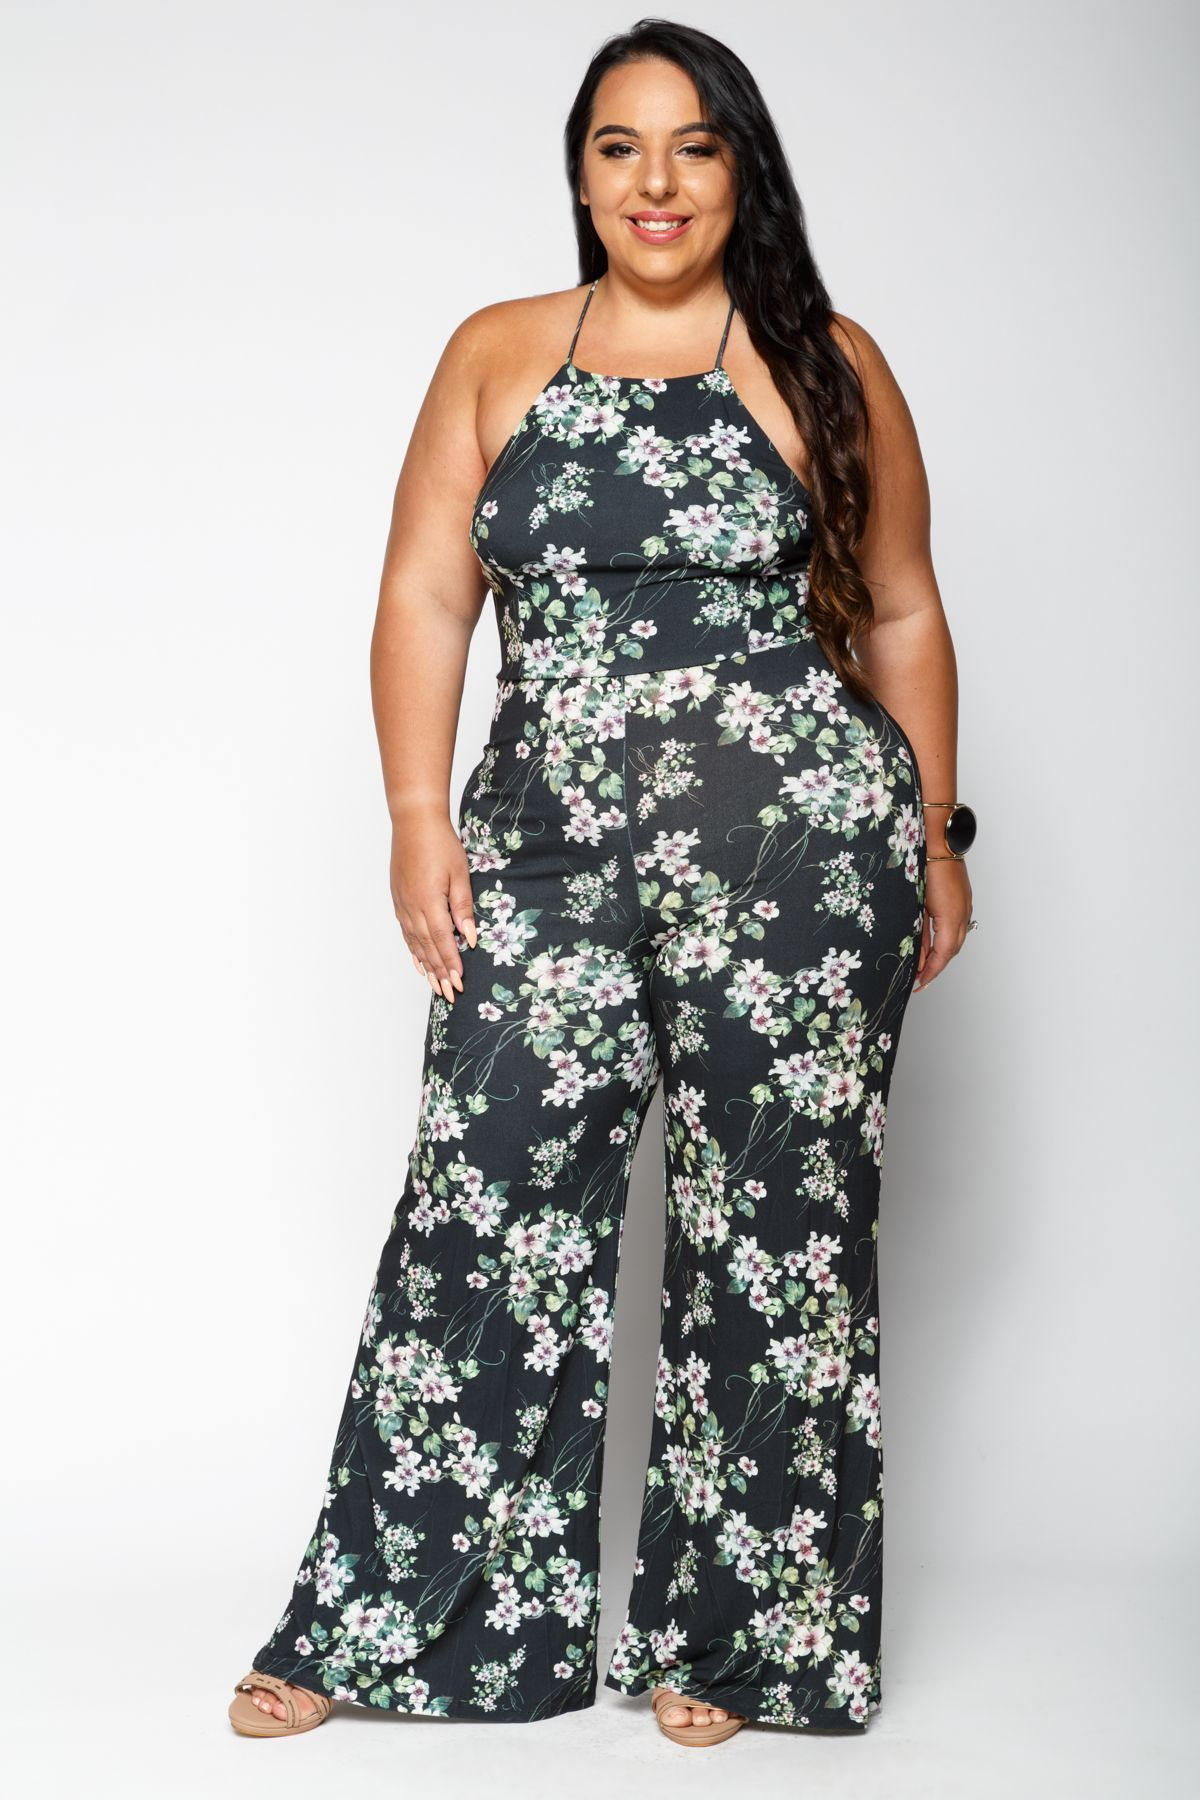 180cb2e0292 Xehar Curvy Womens Plus Size Outfits - Liz Sexy Floral Jumpsuit ...